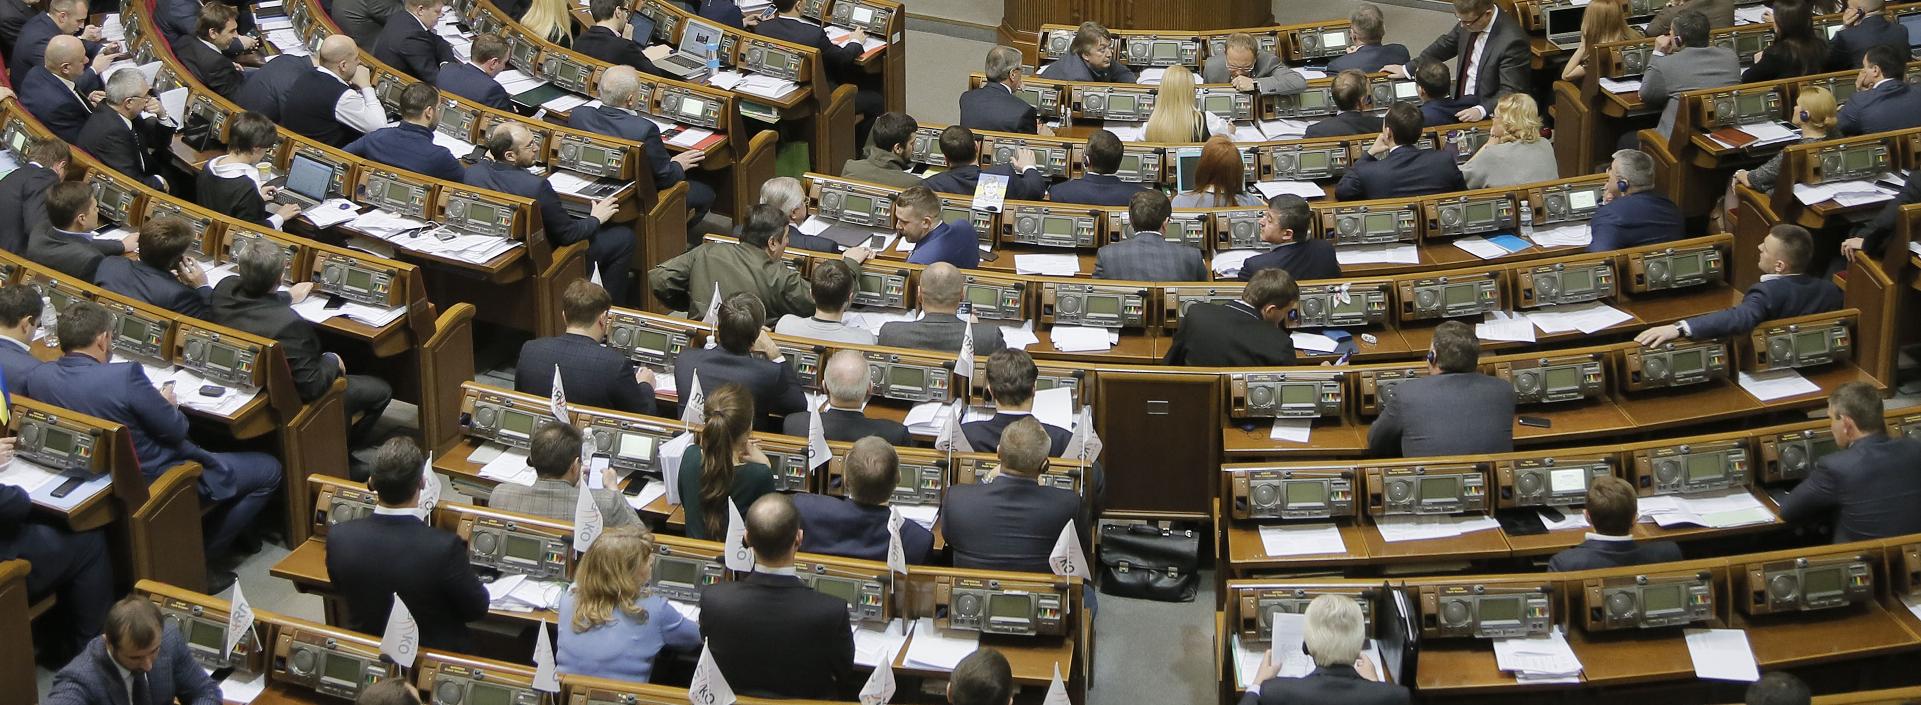 Ukraiński parlament przyjął ustawę znoszącą immunitet poselski